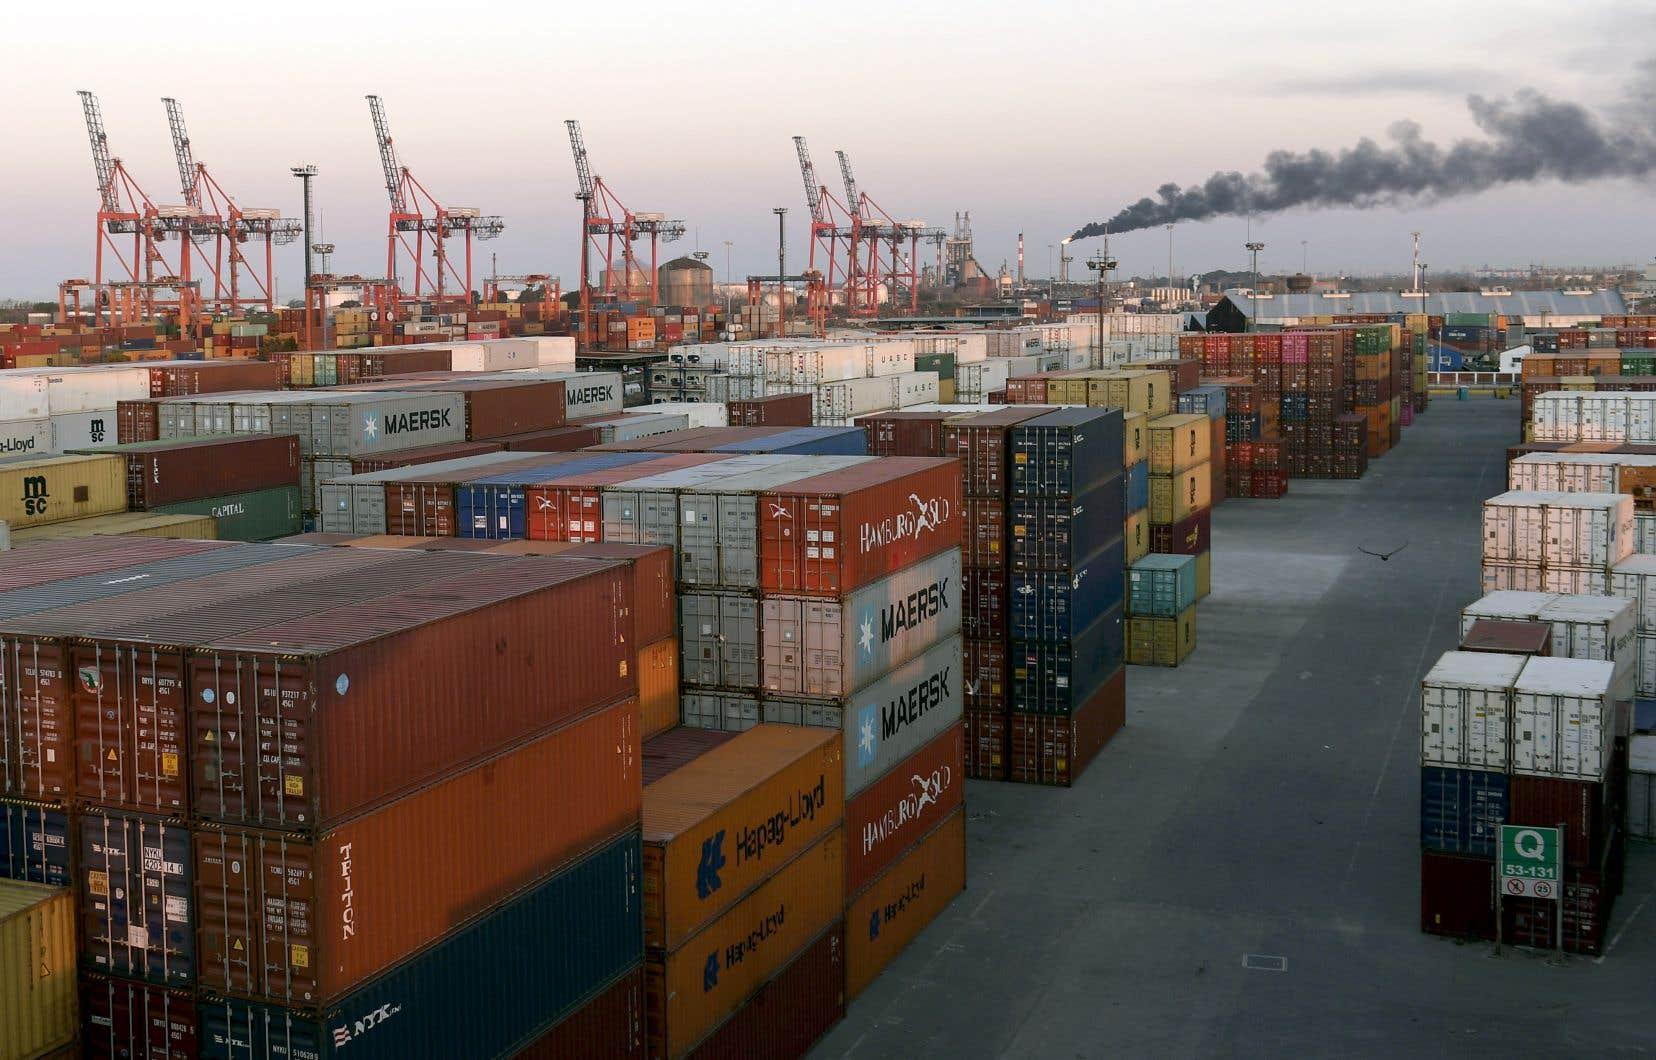 L'UE et le MERCOSUR échangent annuellement 88 milliards d'euros de biens, avec une balance très légèrement favorable aux Européens.